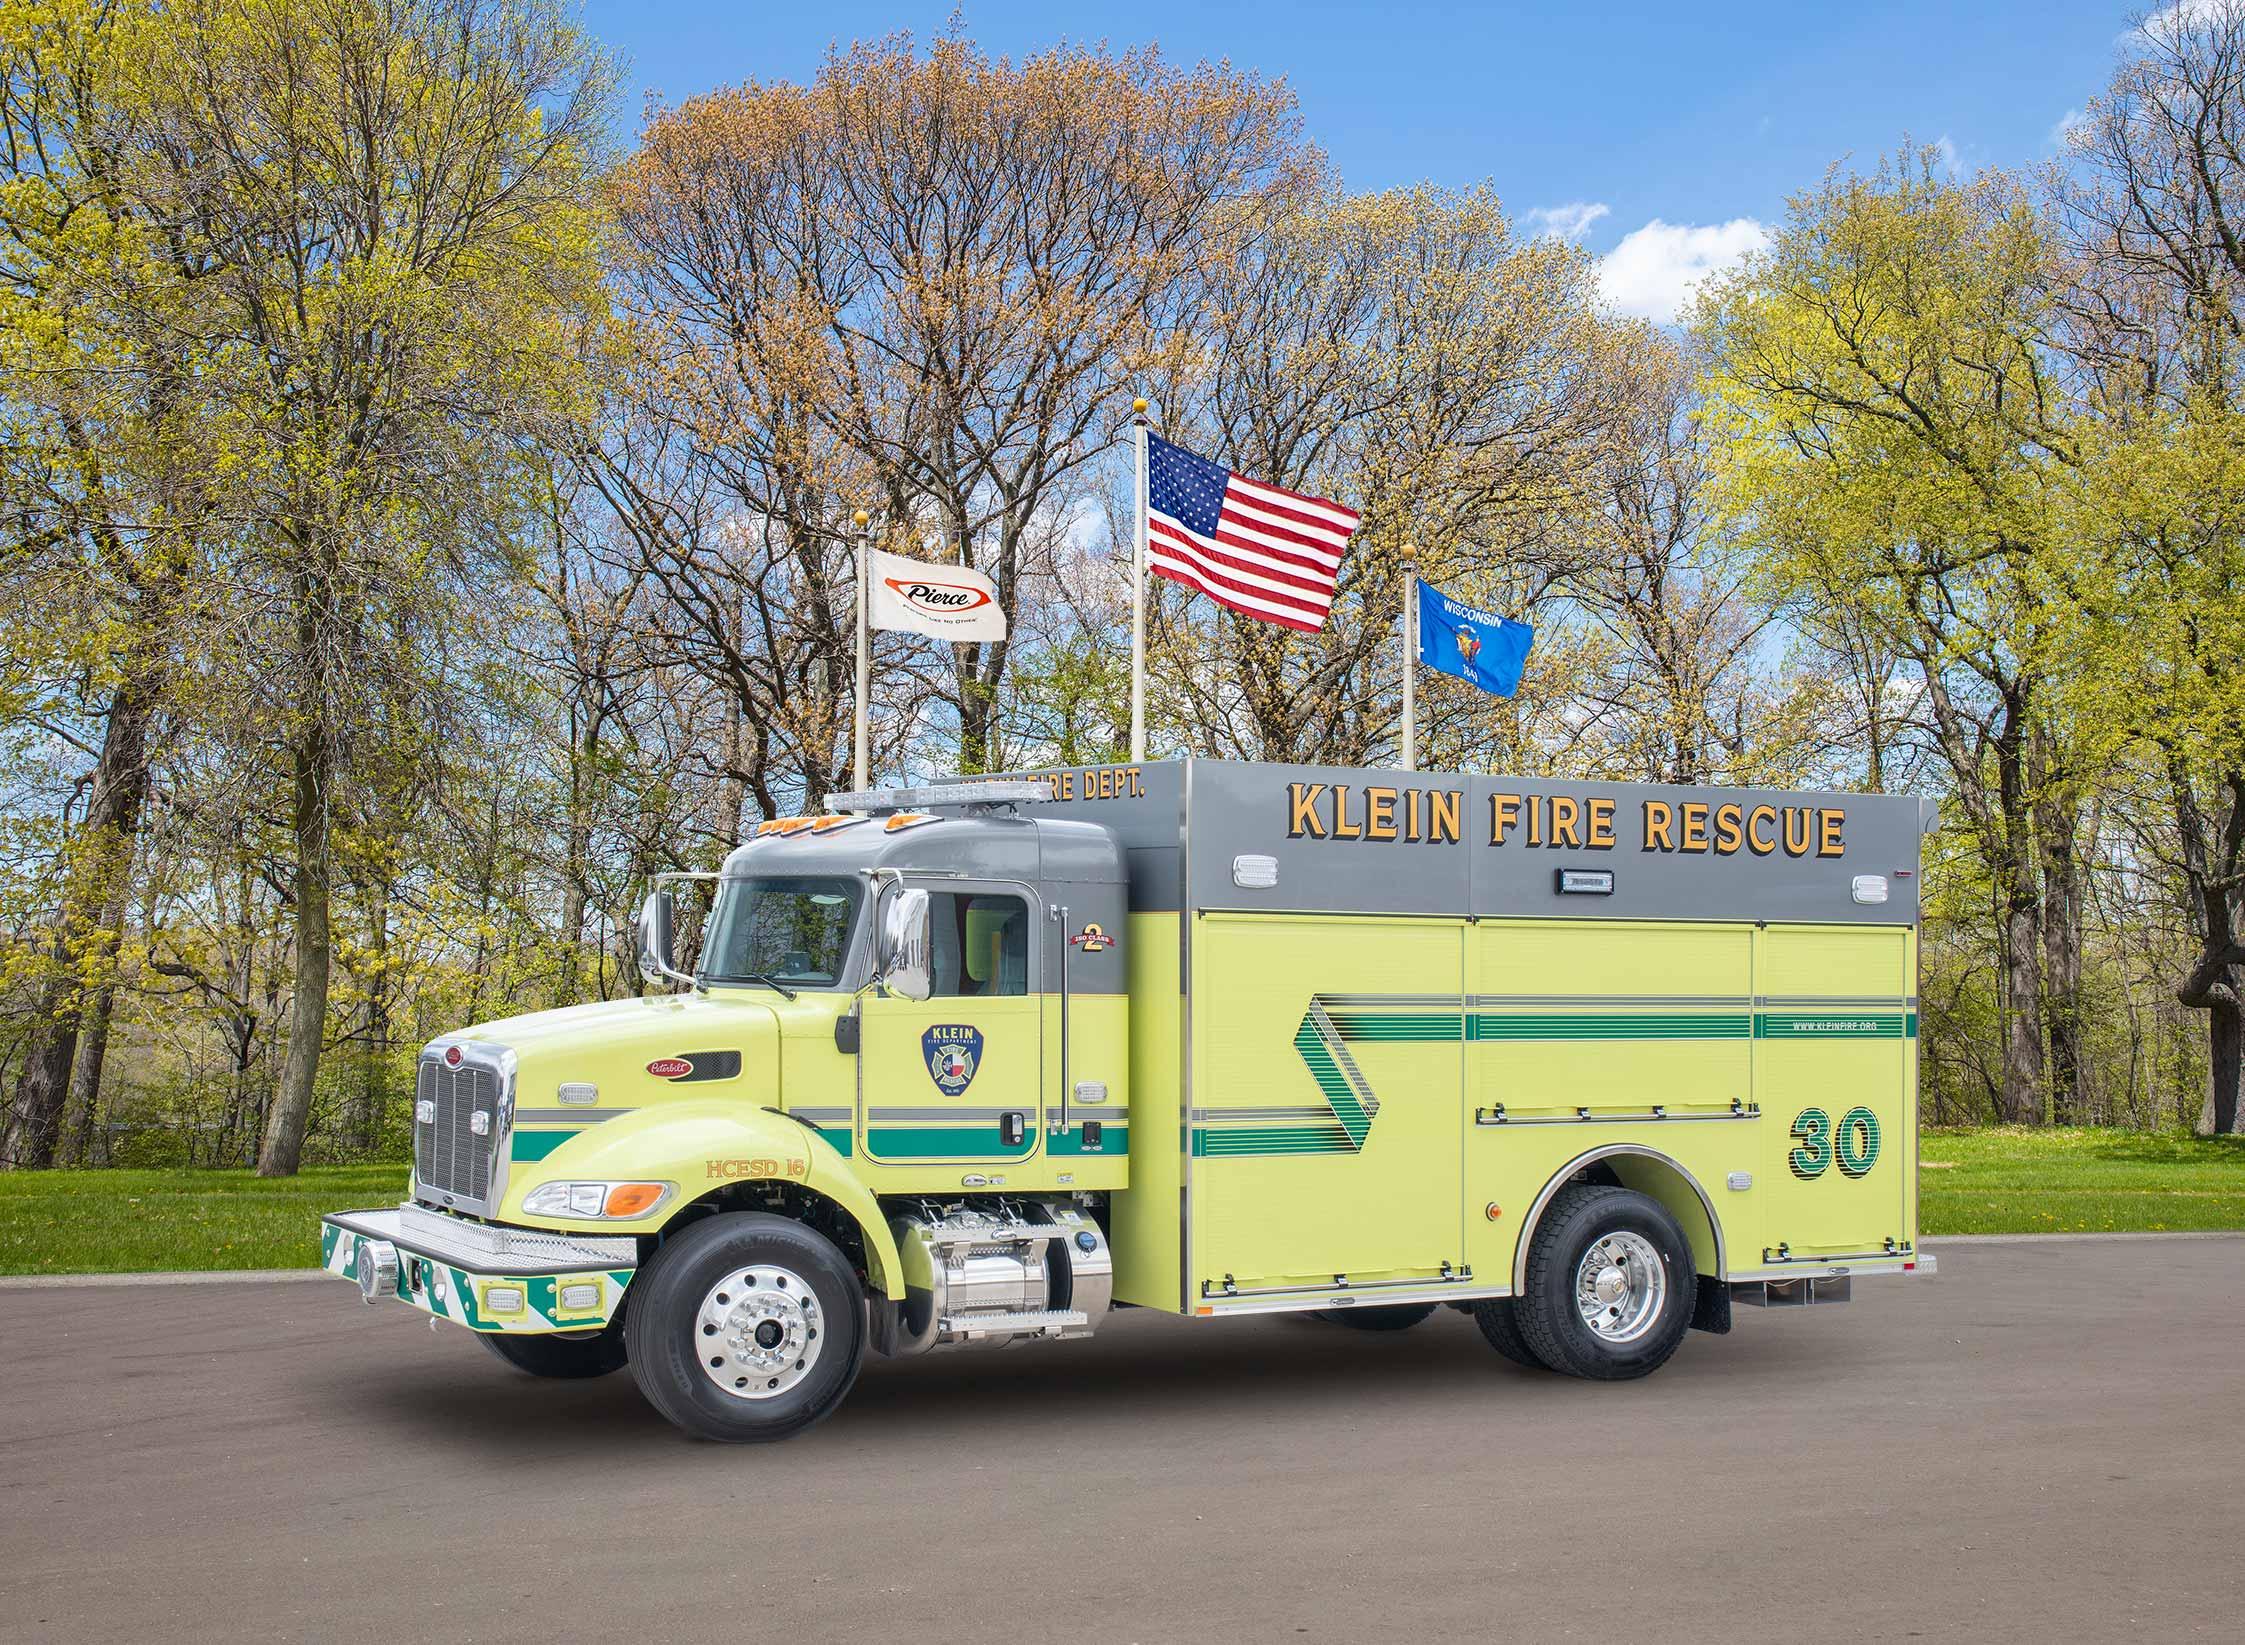 Klein Fire & Rescue - Rescue